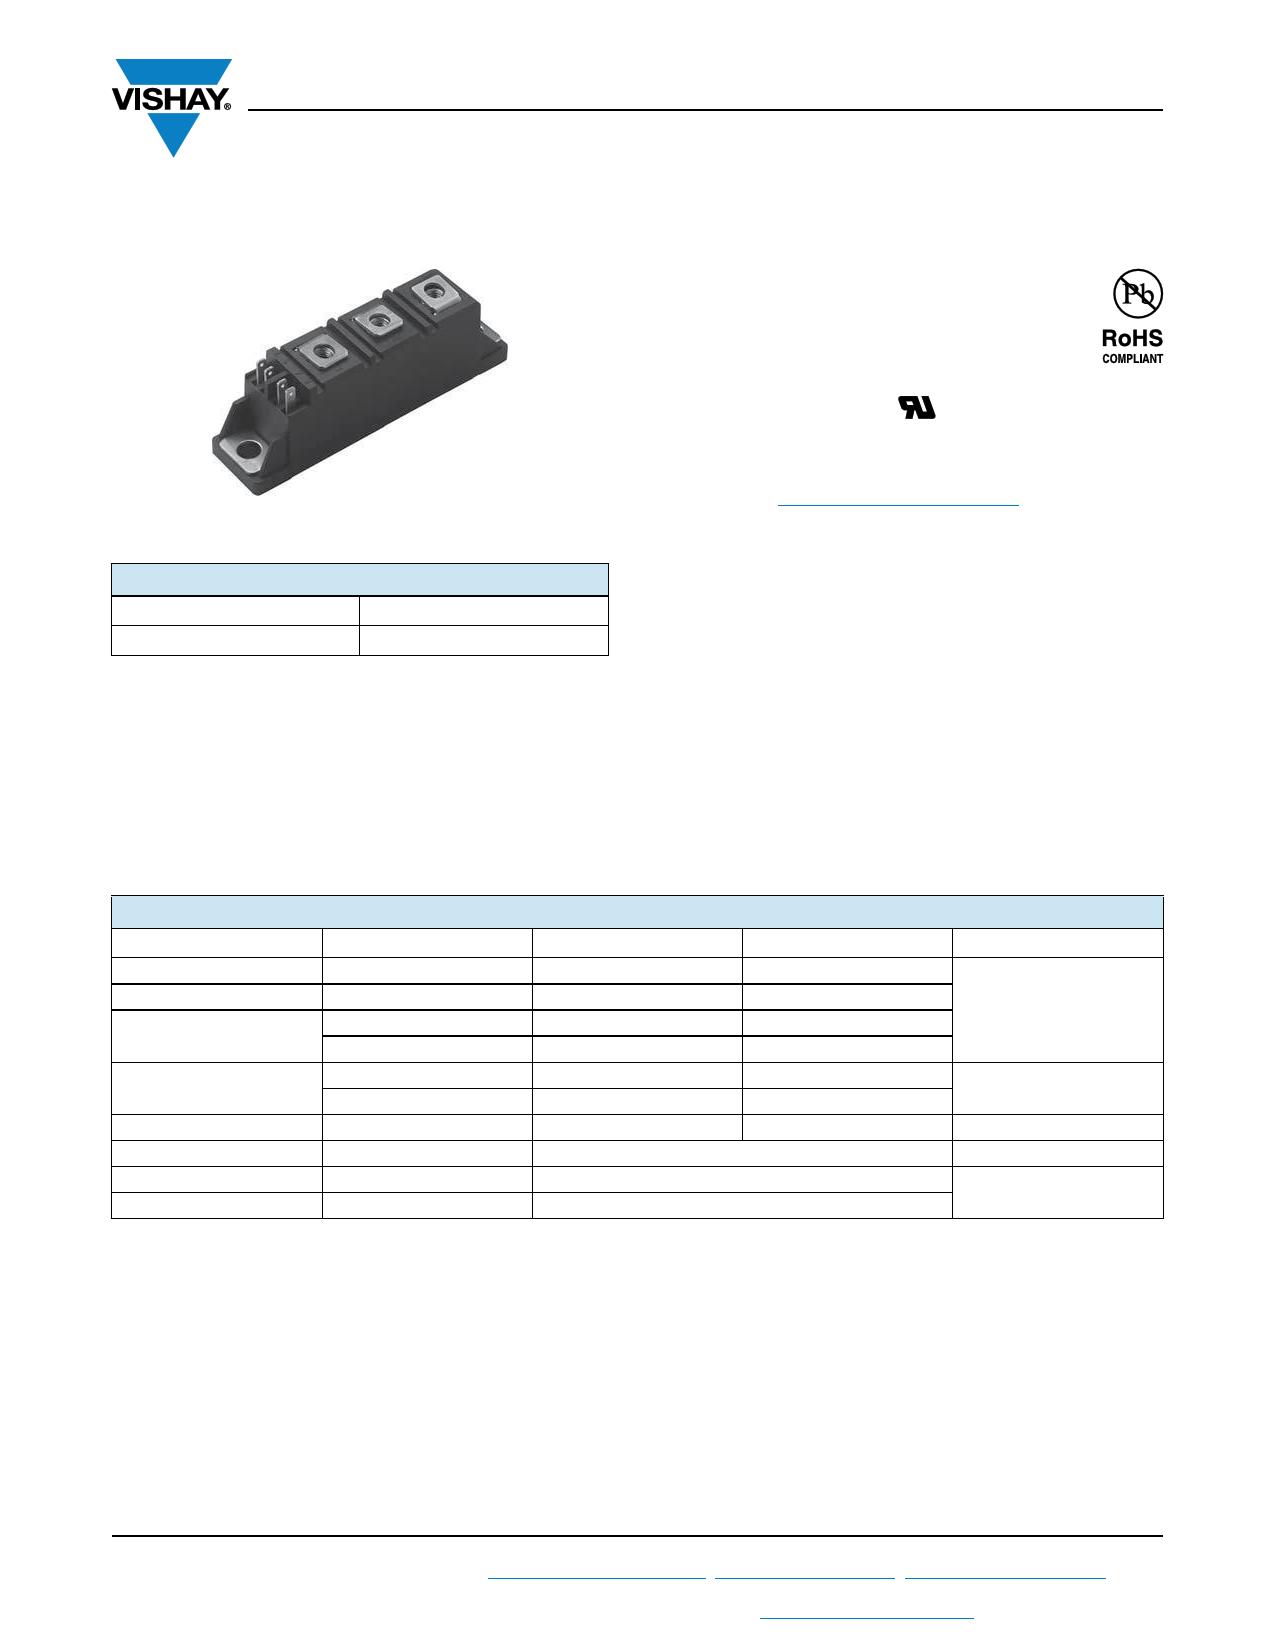 VSKH57-16P Datasheet, VSKH57-16P PDF,ピン配置, 機能